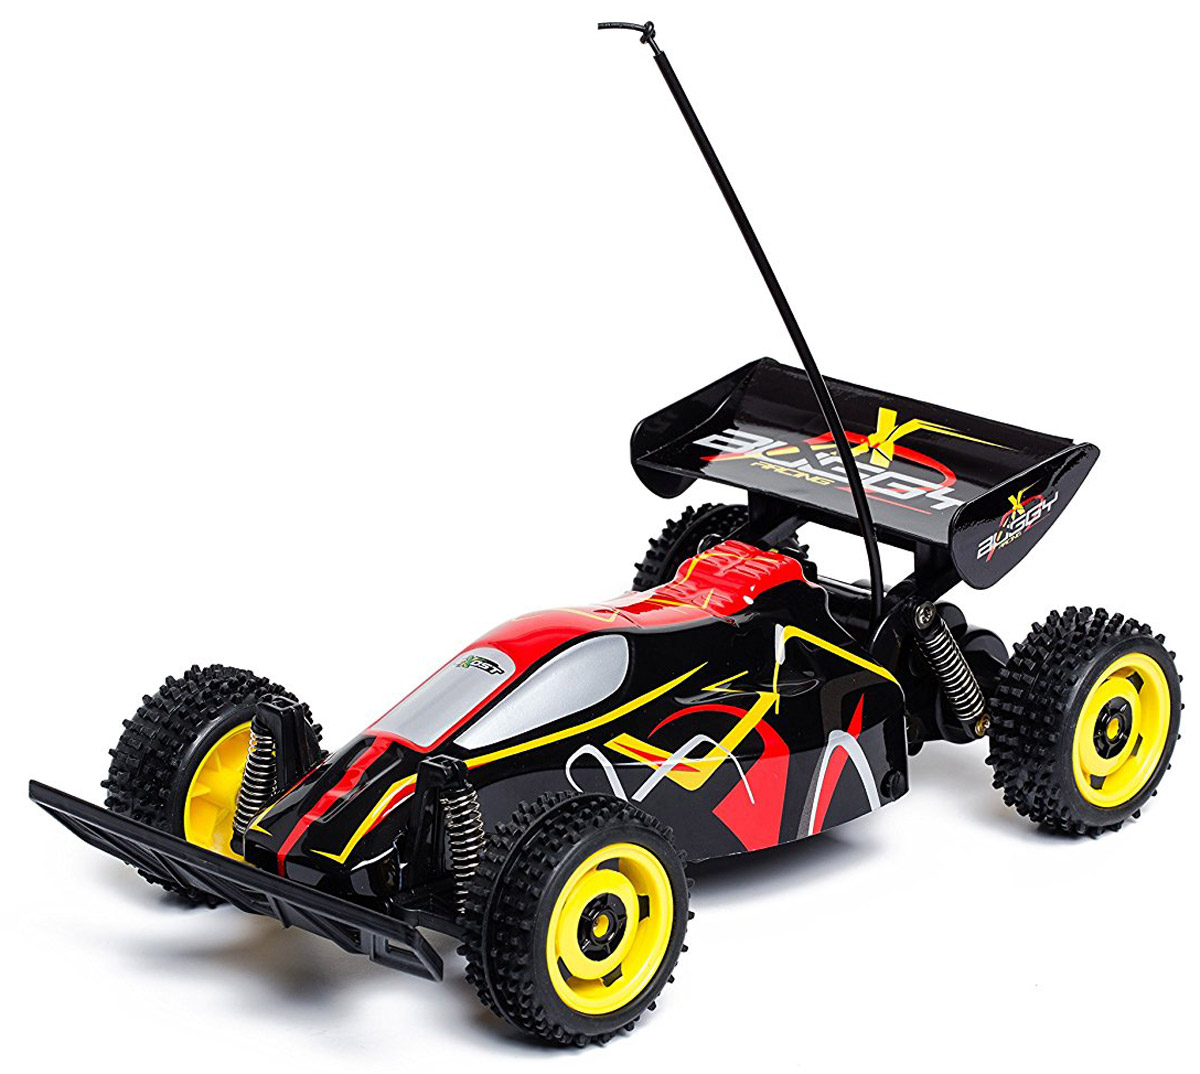 """Машинка на радиоуправлении Silverlit """"Buggy Racing"""" обязательно доставит мальчику море удовольствия, ведь он сможет управлять собственной гоночной машиной. Гоночный багги в масштабе 1:18 может разгоняться до 9 км/ч. Радиус действия пульта управления - до 25 метров. Пульт управления автомобилем пистолетного типа, его удобно держать в одной руке. Рулевое колесо управляет направлением движения модели, а курок - ее двигателем и тормозами. Для работы машины необходимы 4 батарейки типа АА напряжением 1,5V (товар комплектуется демонстрационными). Для работы пульта управления необходимы 2 батарейки типа АА напряжением 1,5V (товар комплектуется демонстрационными)."""